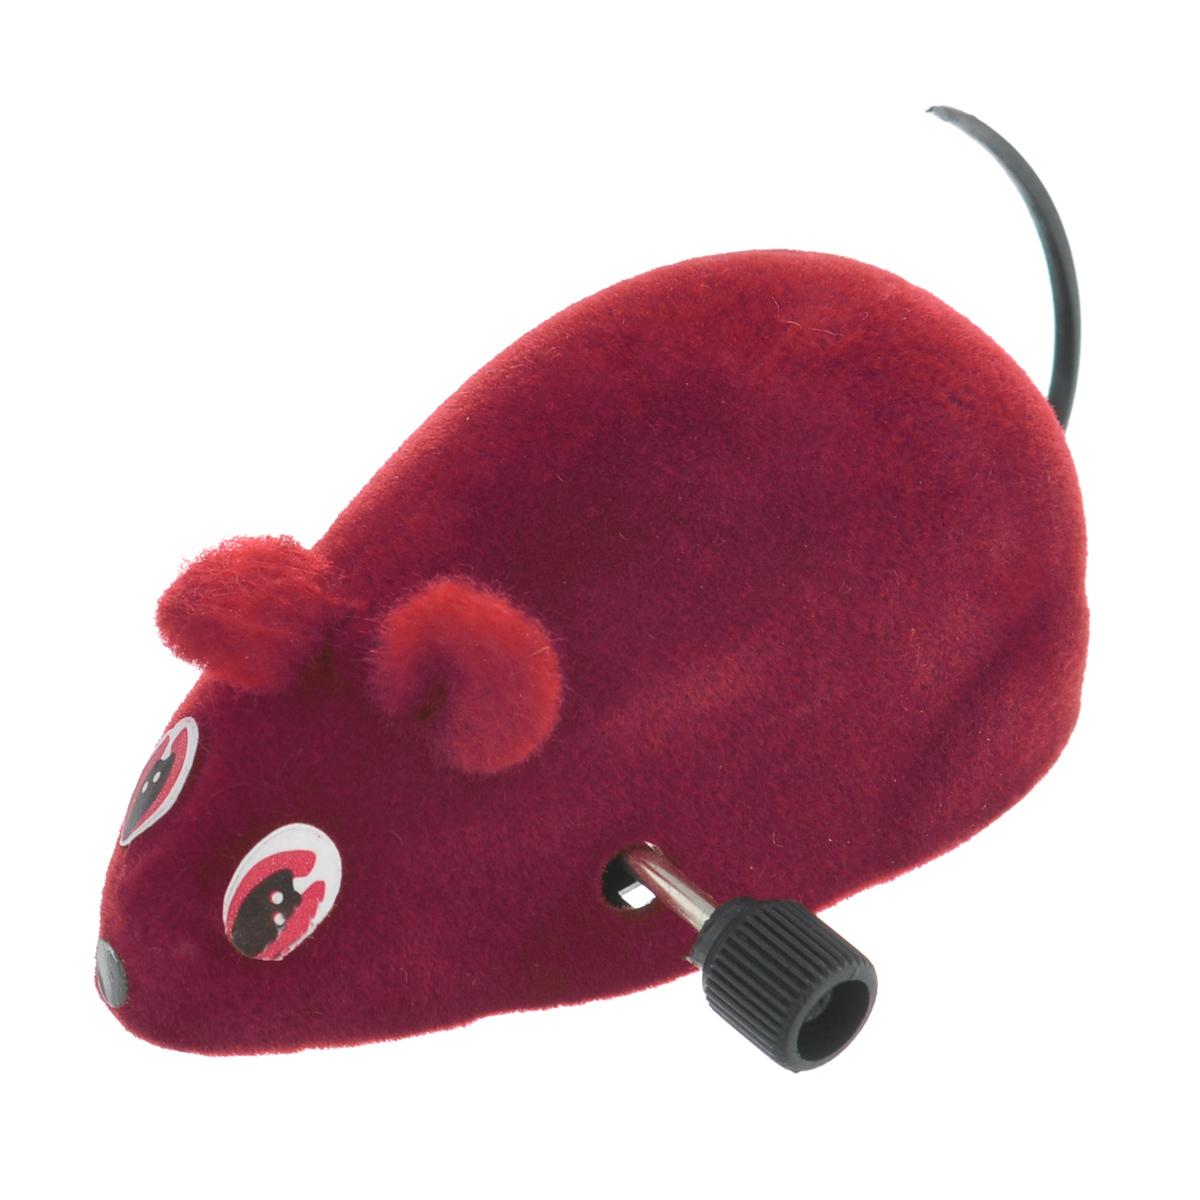 Игрушка для кошек Beeztees Мышь заводная, цвет: бордовый0120710Игрушка для кошек Beeztees Мышь заводная, изготовленная из пластика и текстиля, привлечет внимания вашей кошки. Изделие оснащено колесиками и заводным механизмом. Игрушка не требует батареек просто покрутите механизм до упора и мышка начнет двигаться. Такая игрушка не навредит здоровью вашего питомца и увлечет его на долгое время.